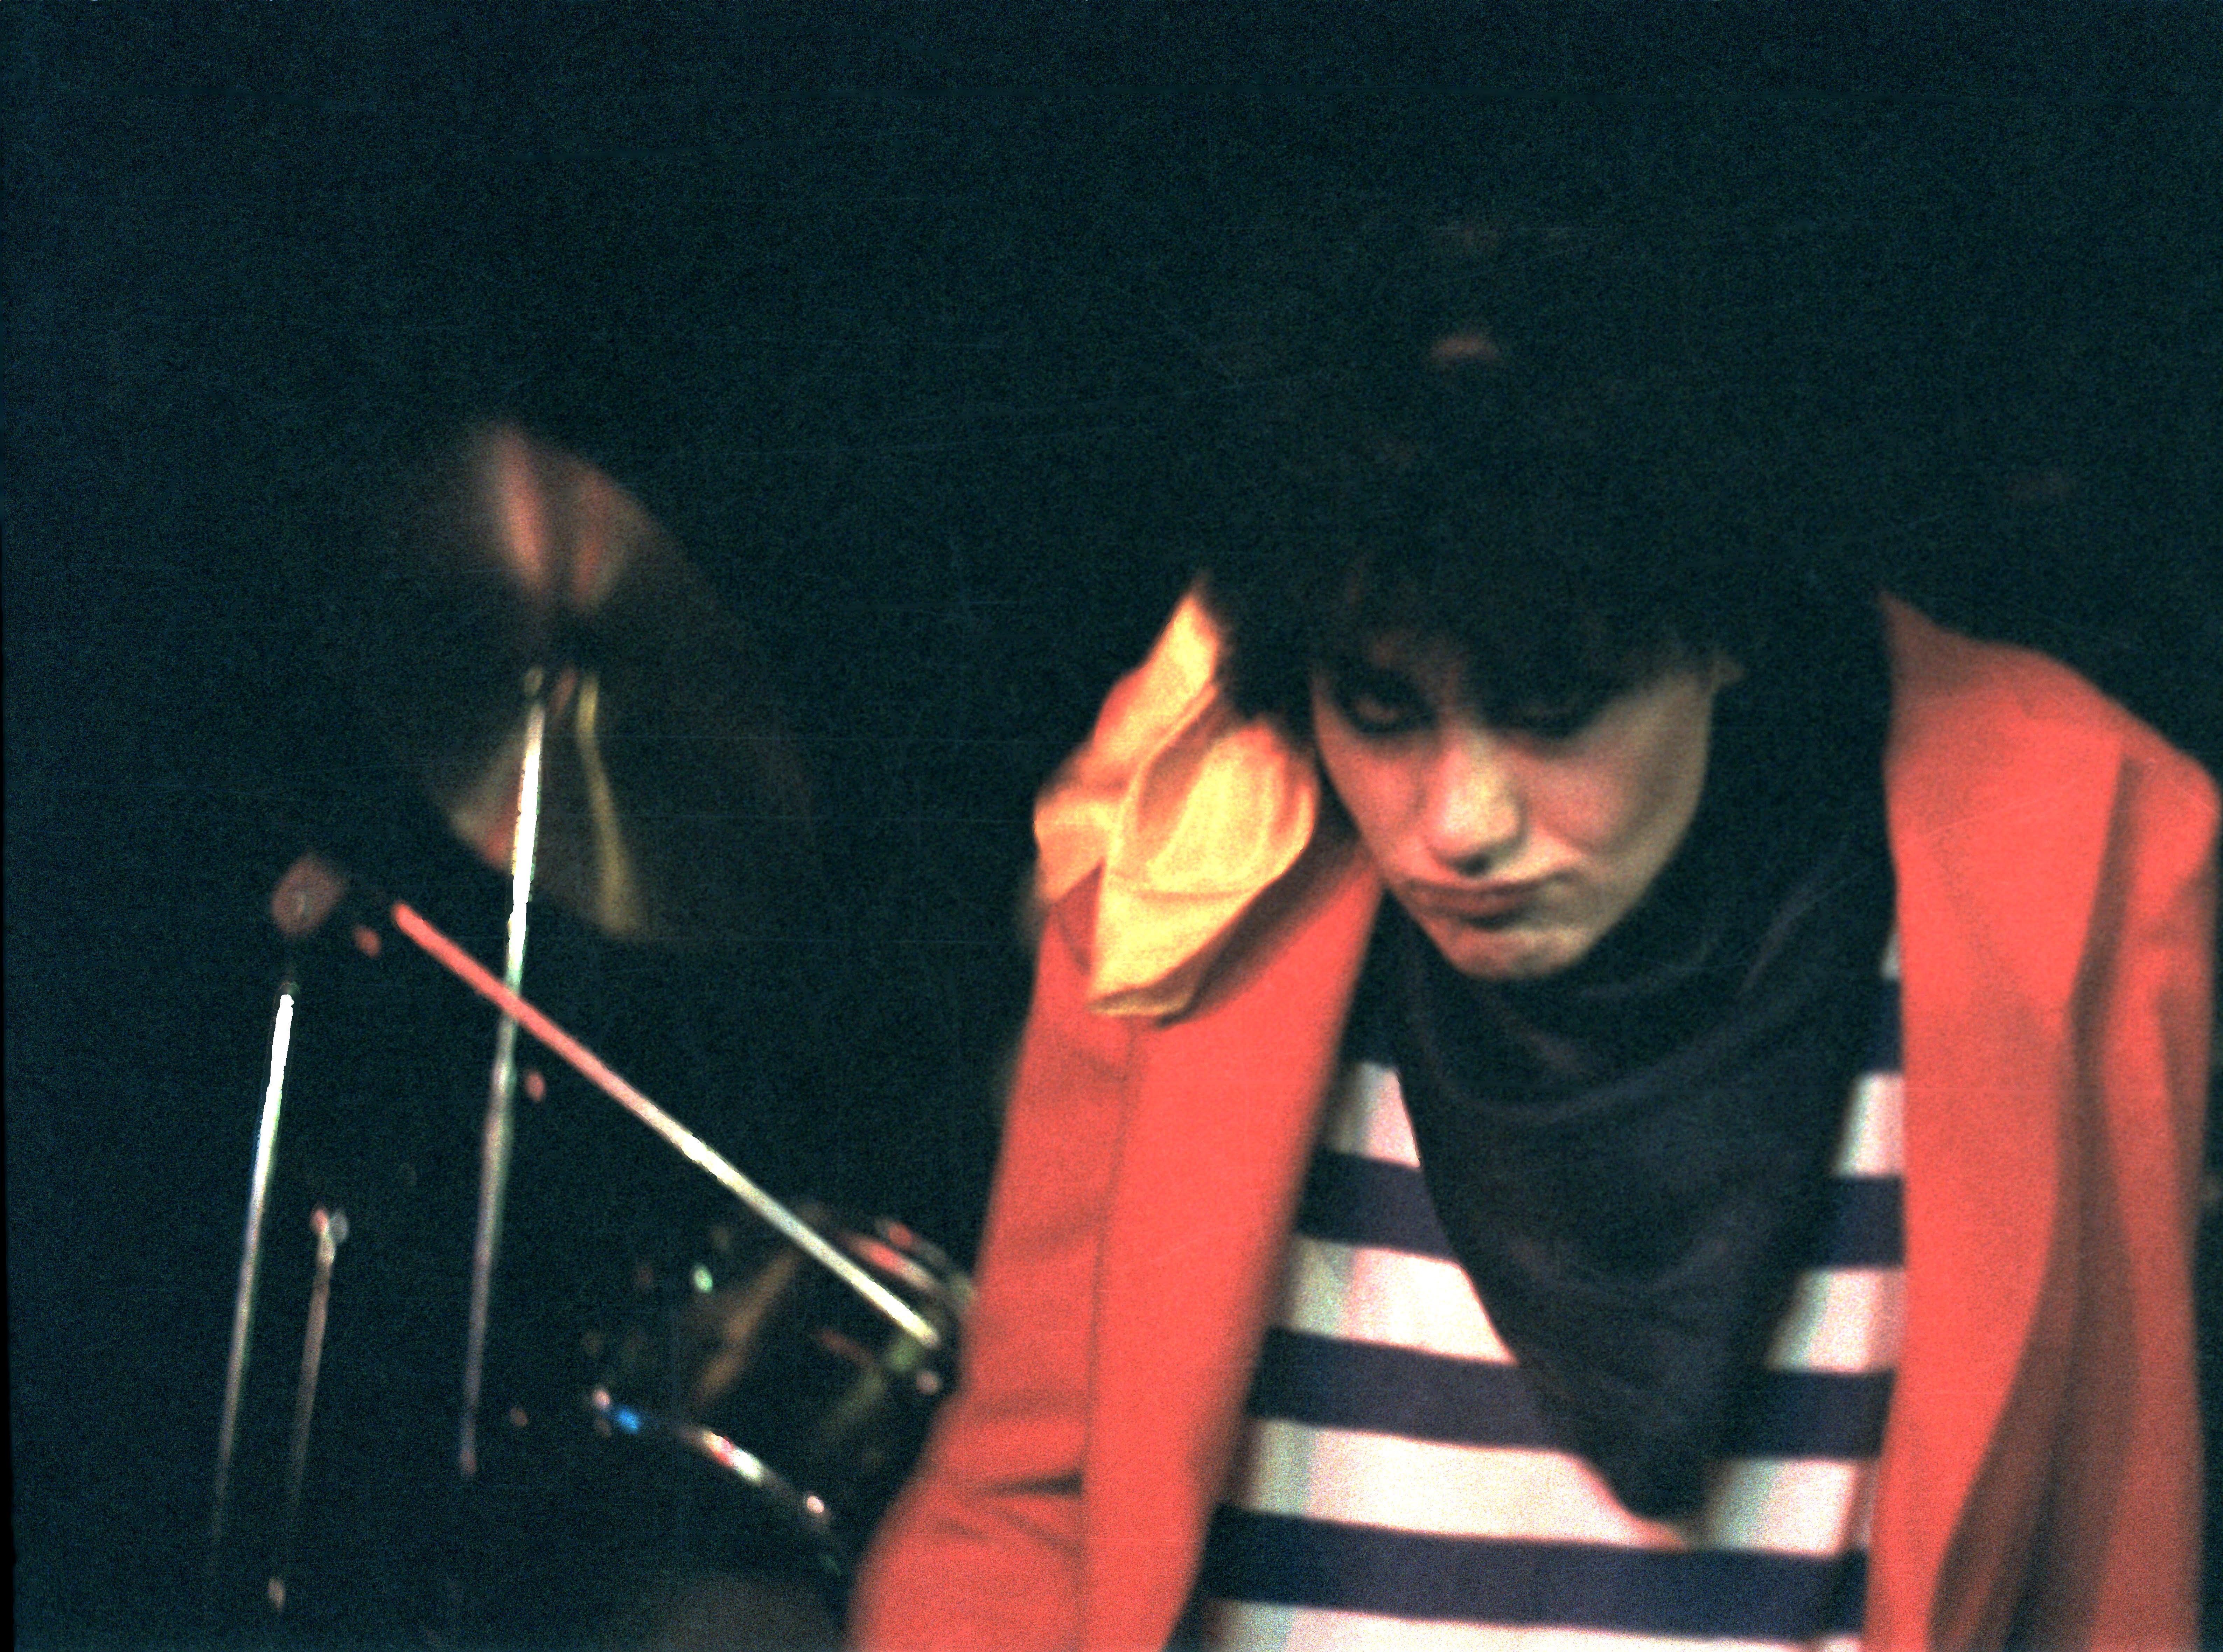 penetration norwich 1978